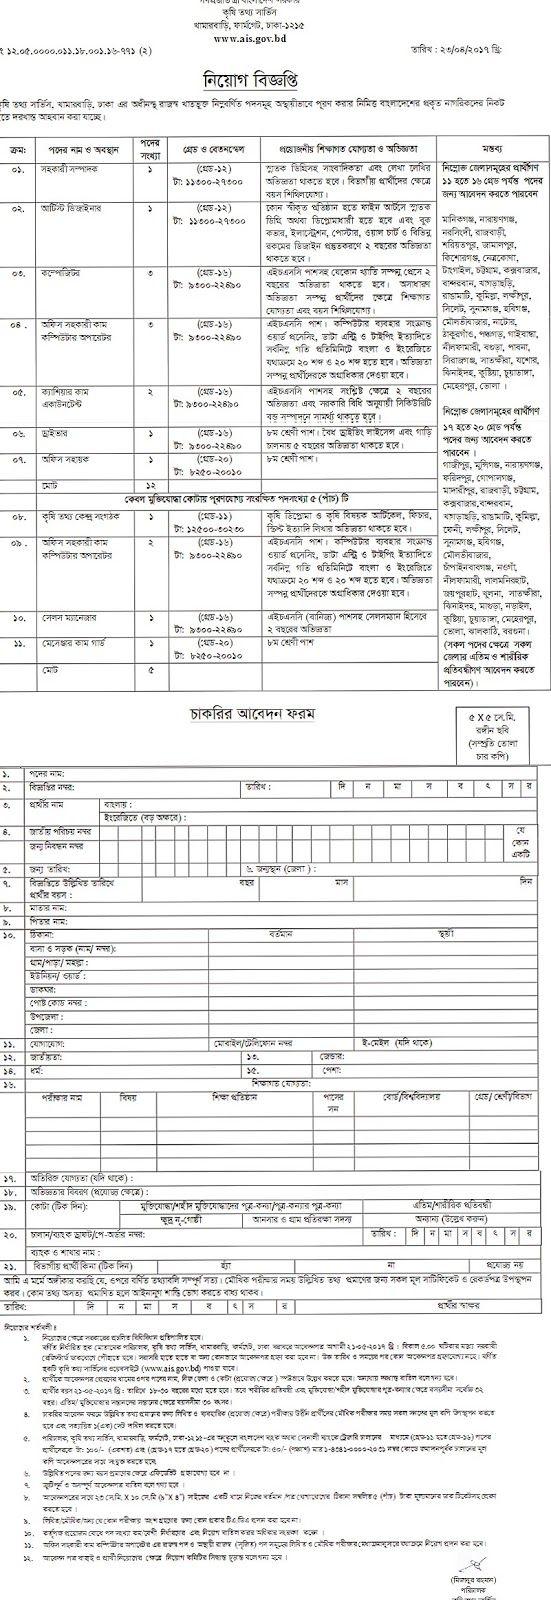 Job Circular For Bangladesh: Agriculture Information Service Job Circular